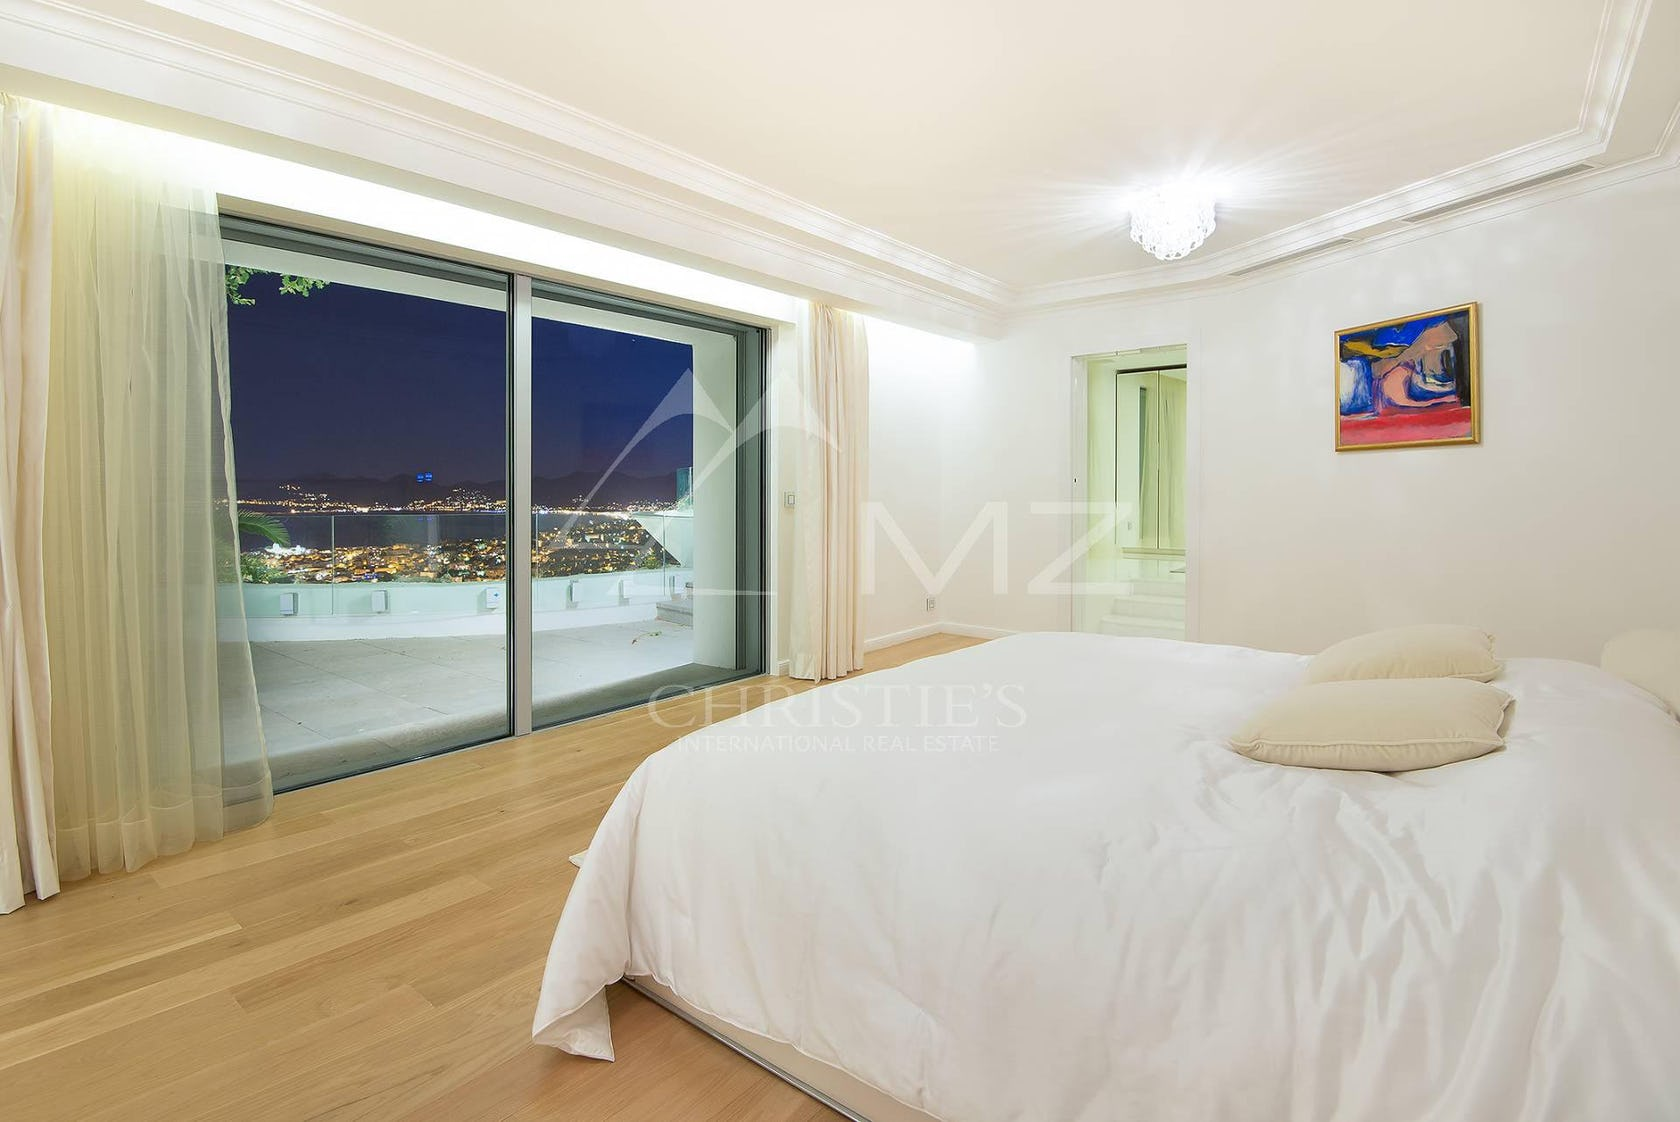 bedroom indoors room flooring bed furniture floor wood screen hardwood